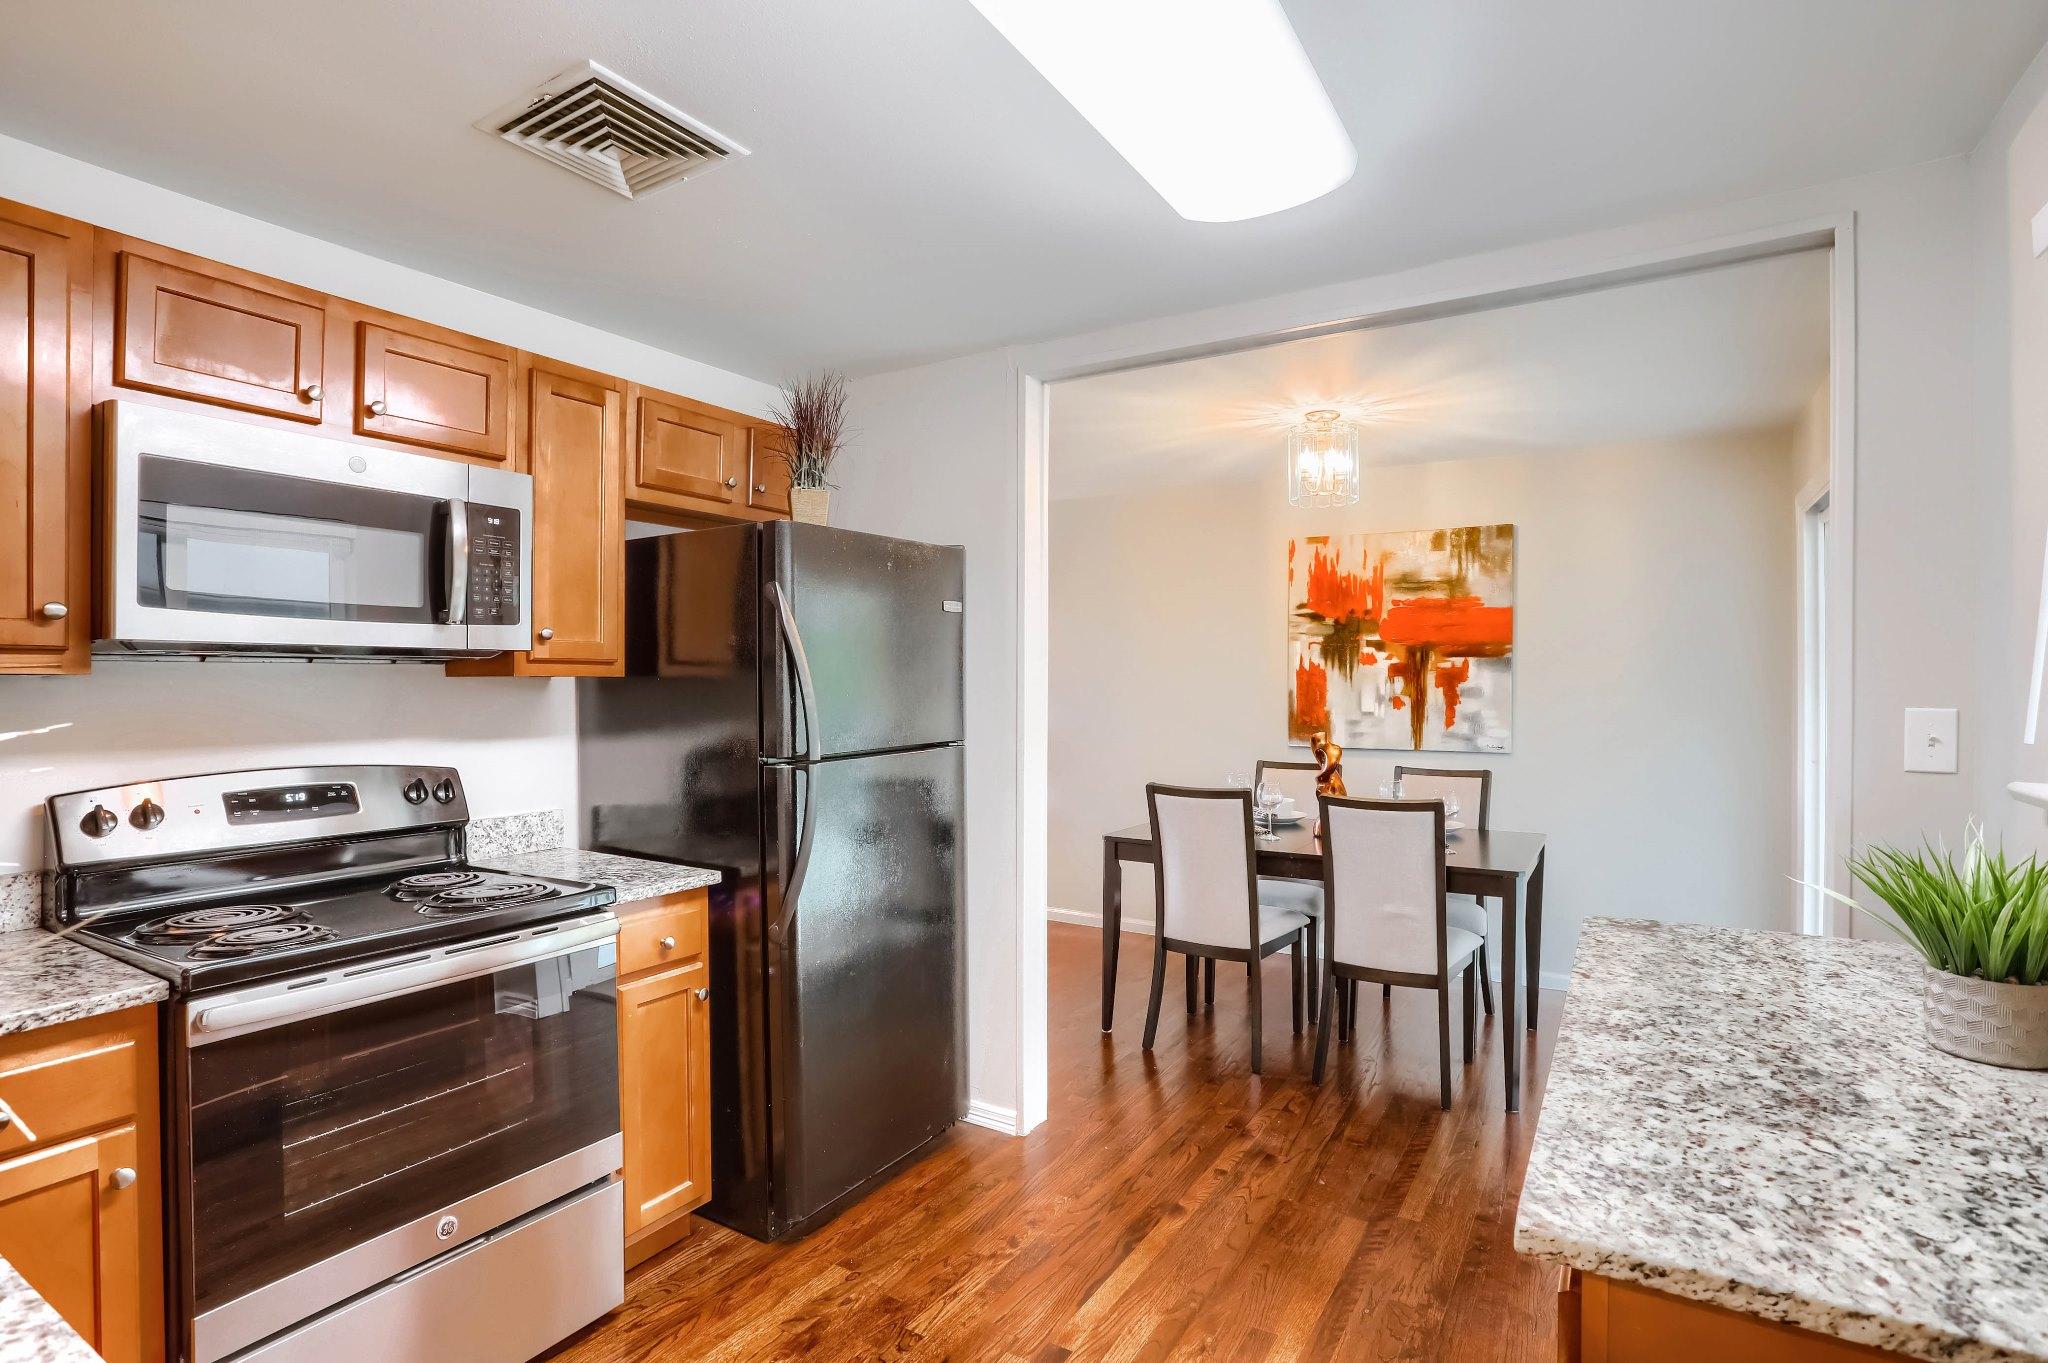 REAL ESTATE LISTING: 1309 Douglas Dr Denver Kitchen and Dining Room